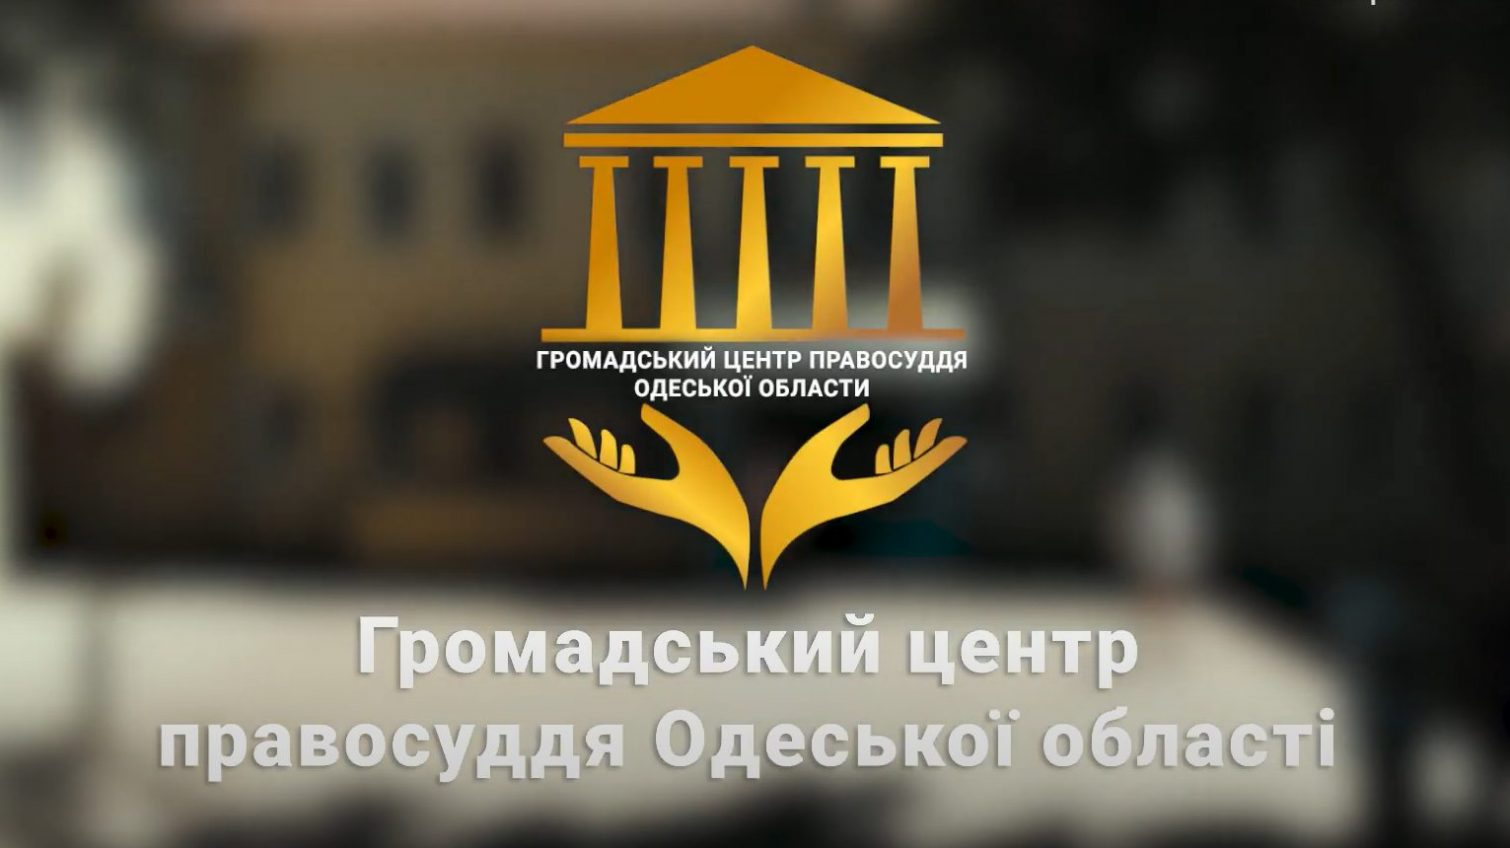 Бесплатную правовую помощь получили более 3 тысяч жителей Одесской области (видео) «фото»